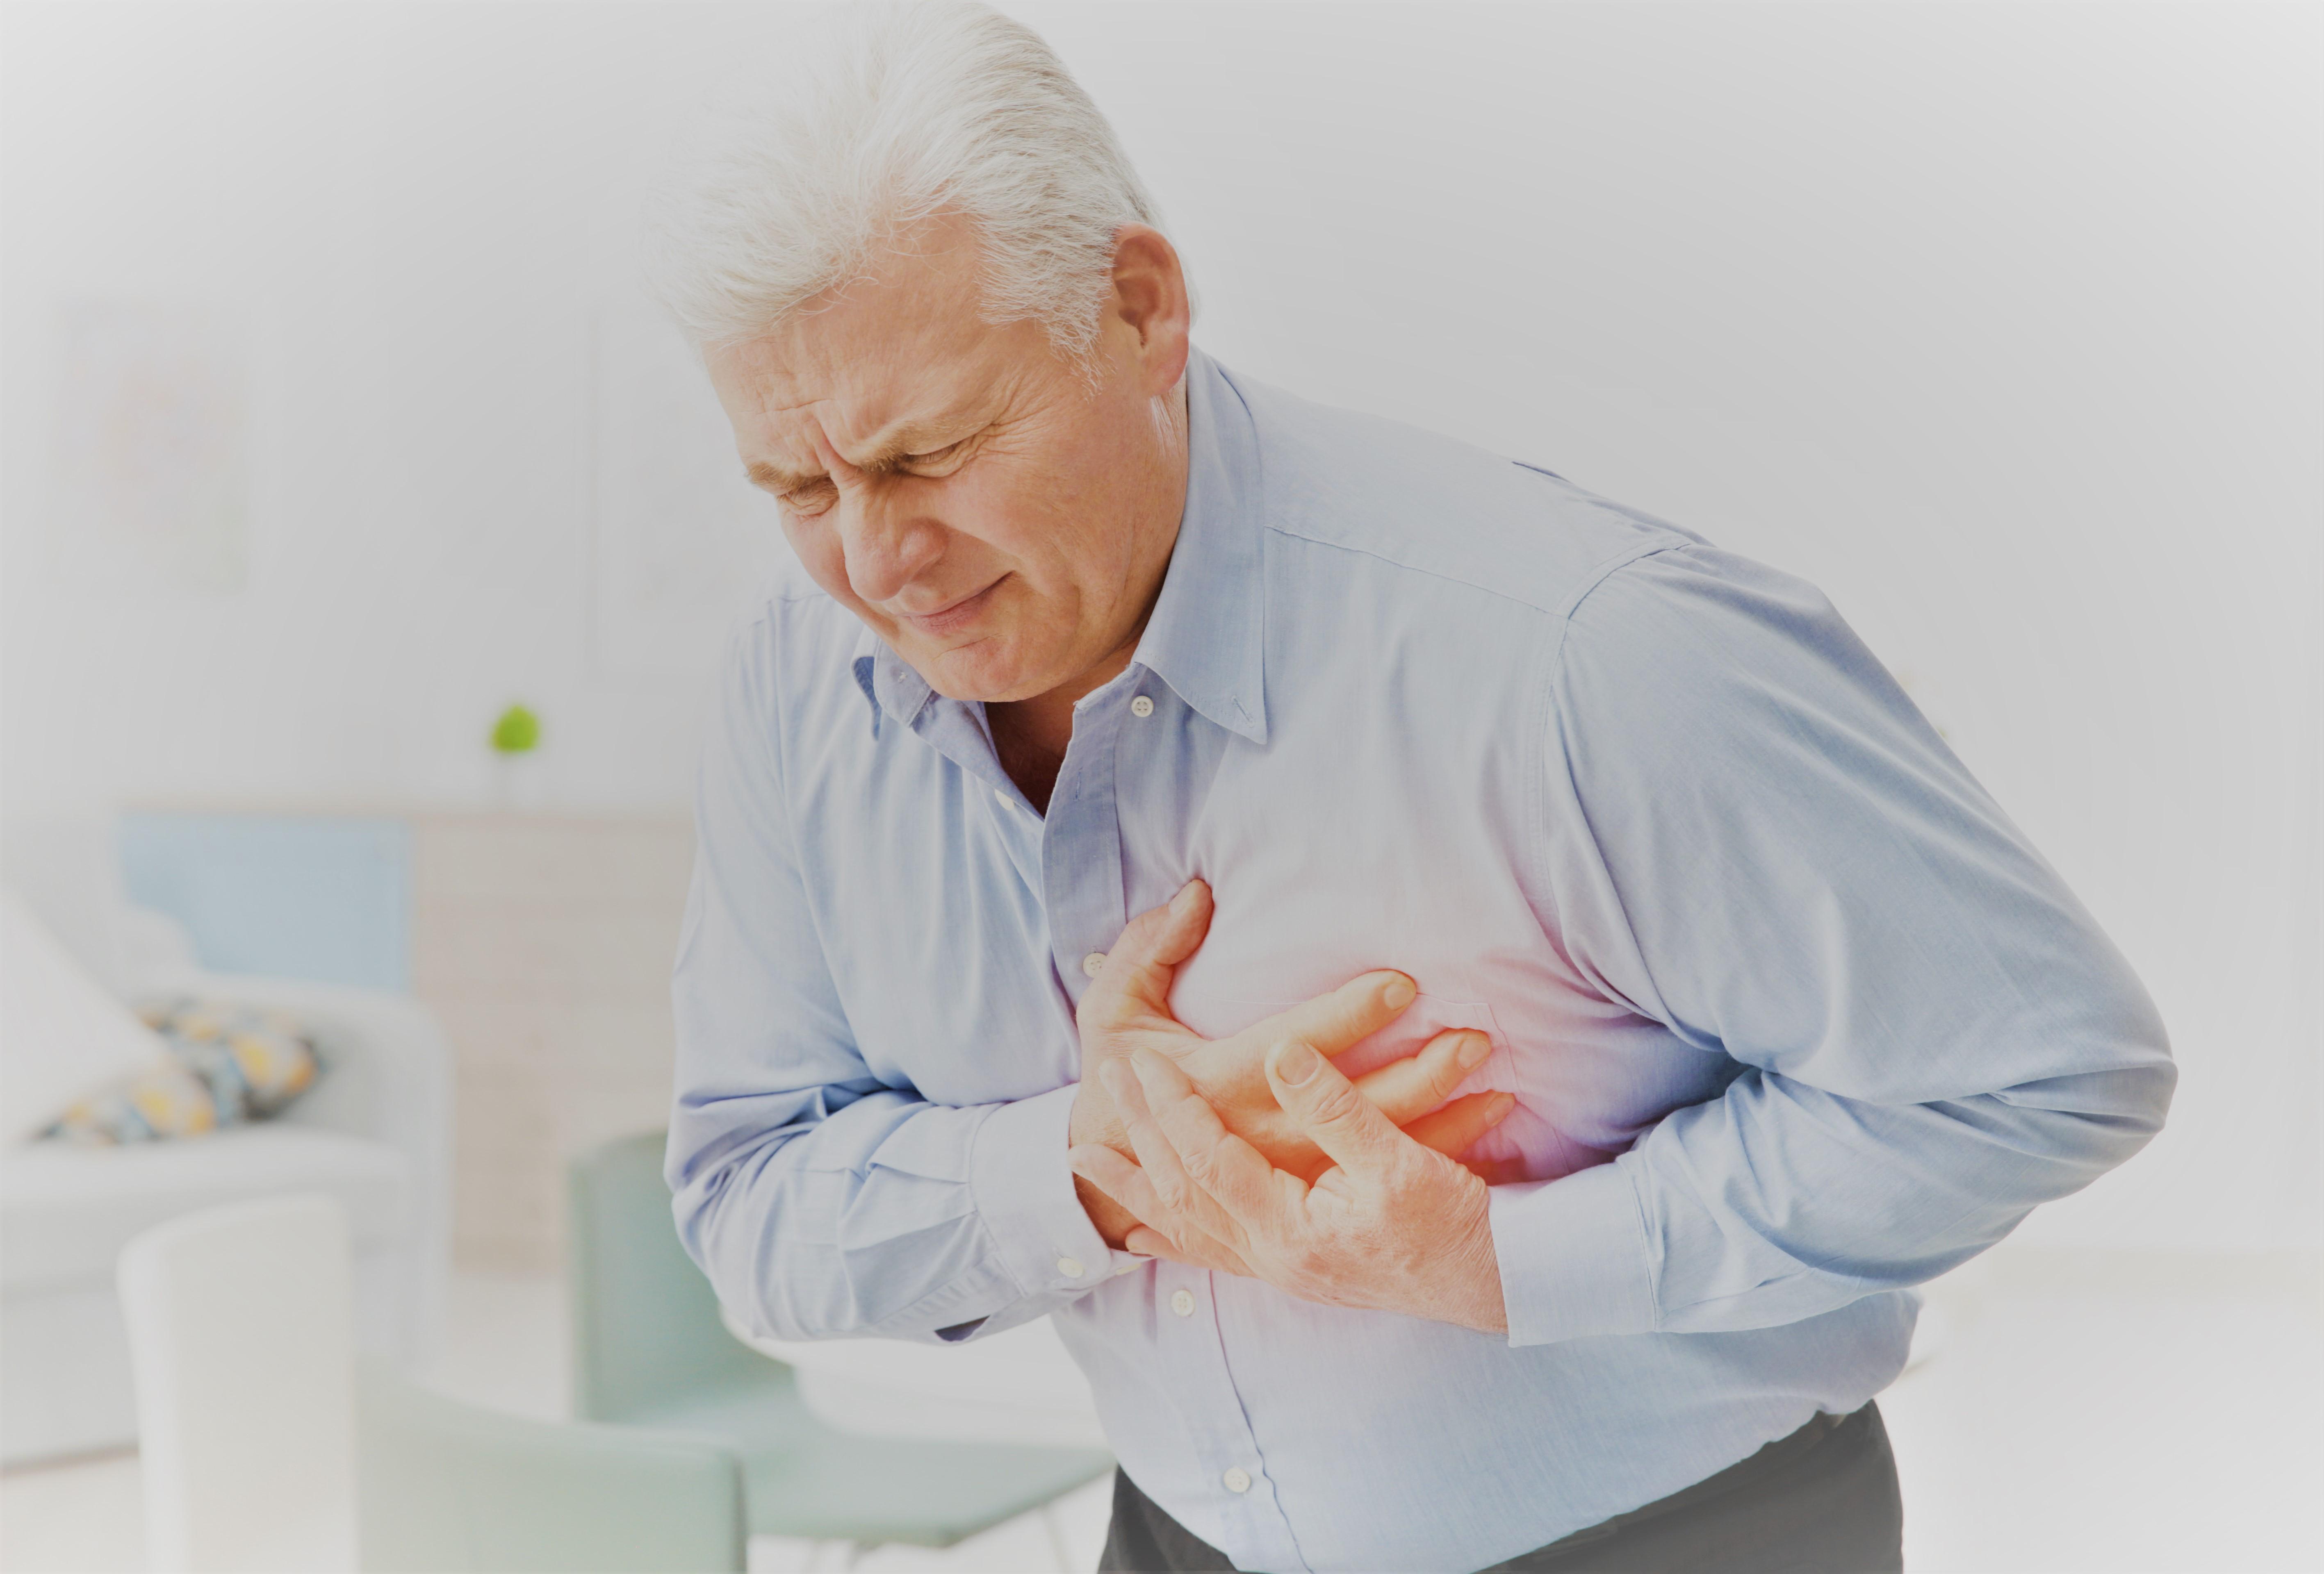 az ízületek prednizon után fájdalmat okoznak)